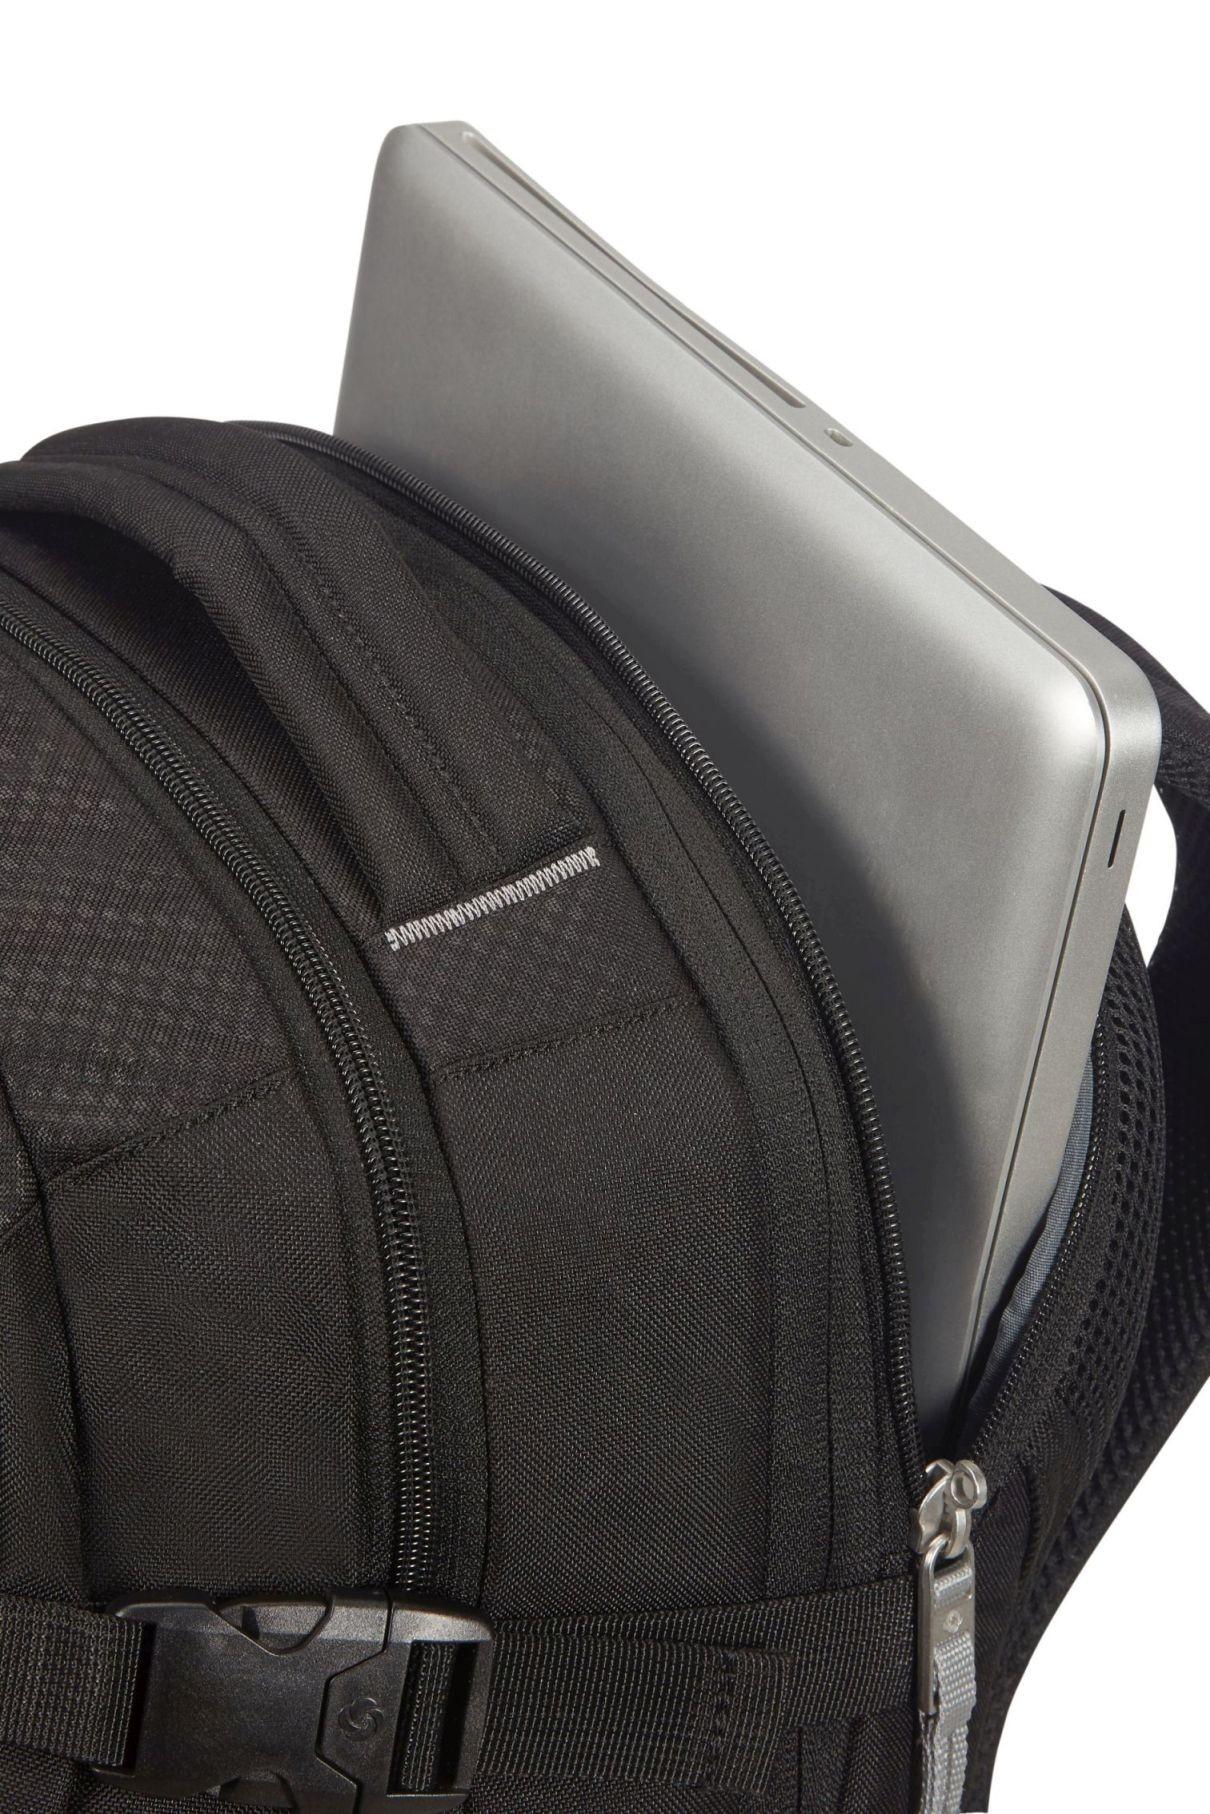 Samsonite Sonora Laptop Backpack L EXP, View 3